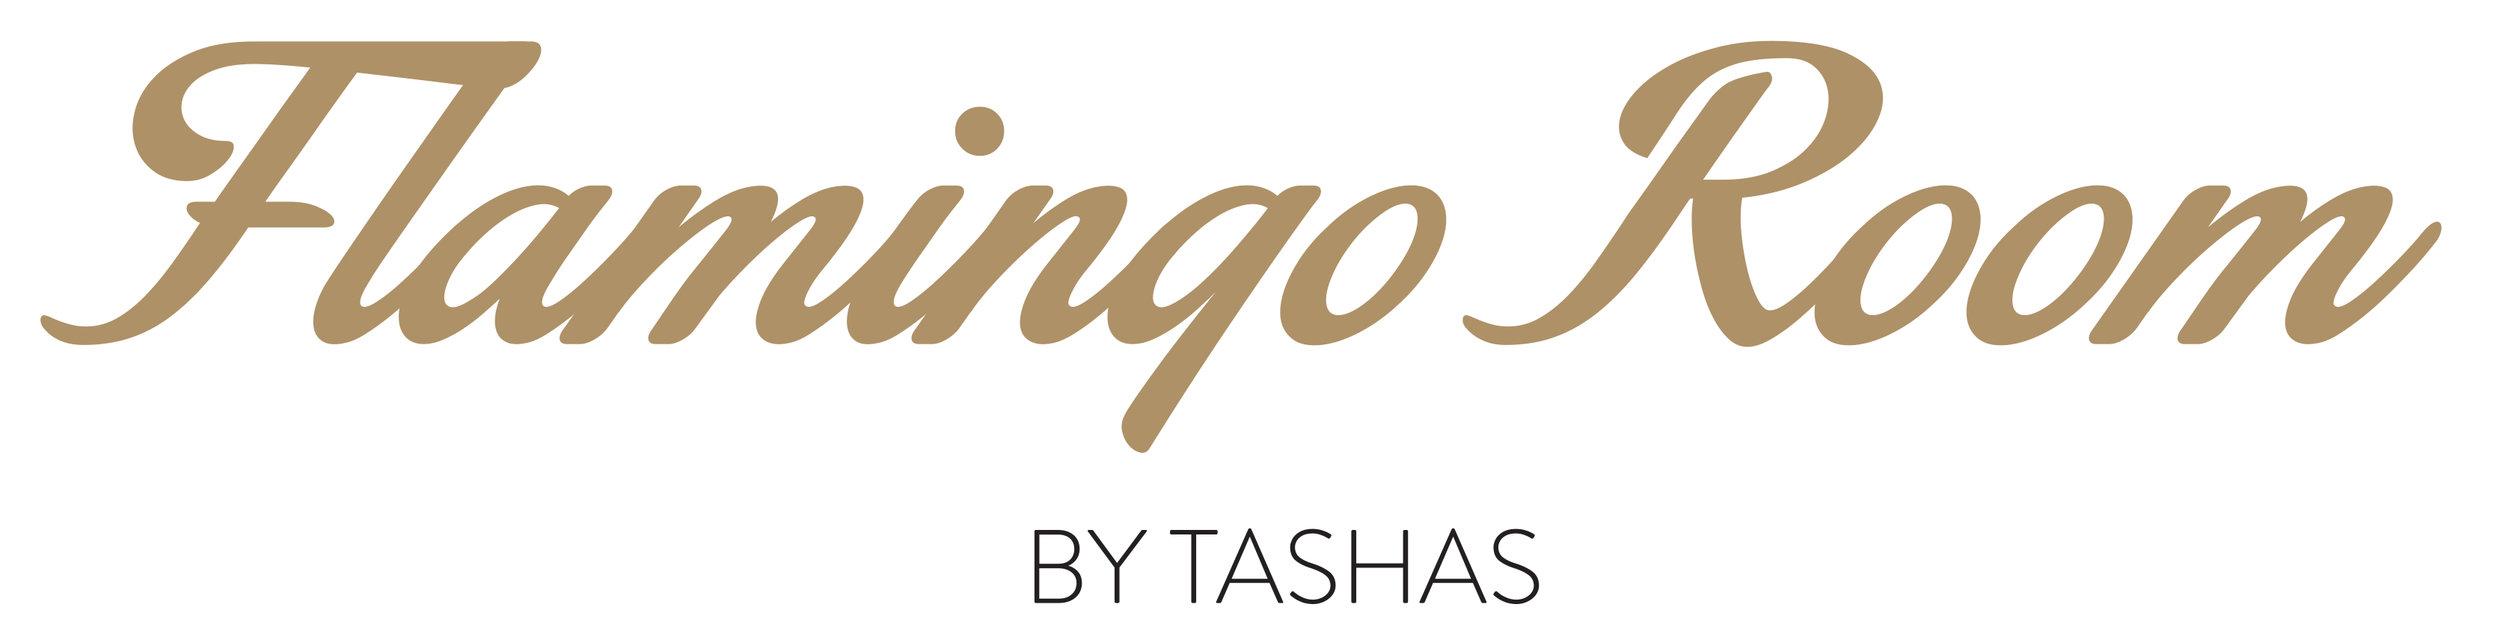 TURTLE LAGOON FLAMINGO ROOM BY TASHAS LOGO.jpg